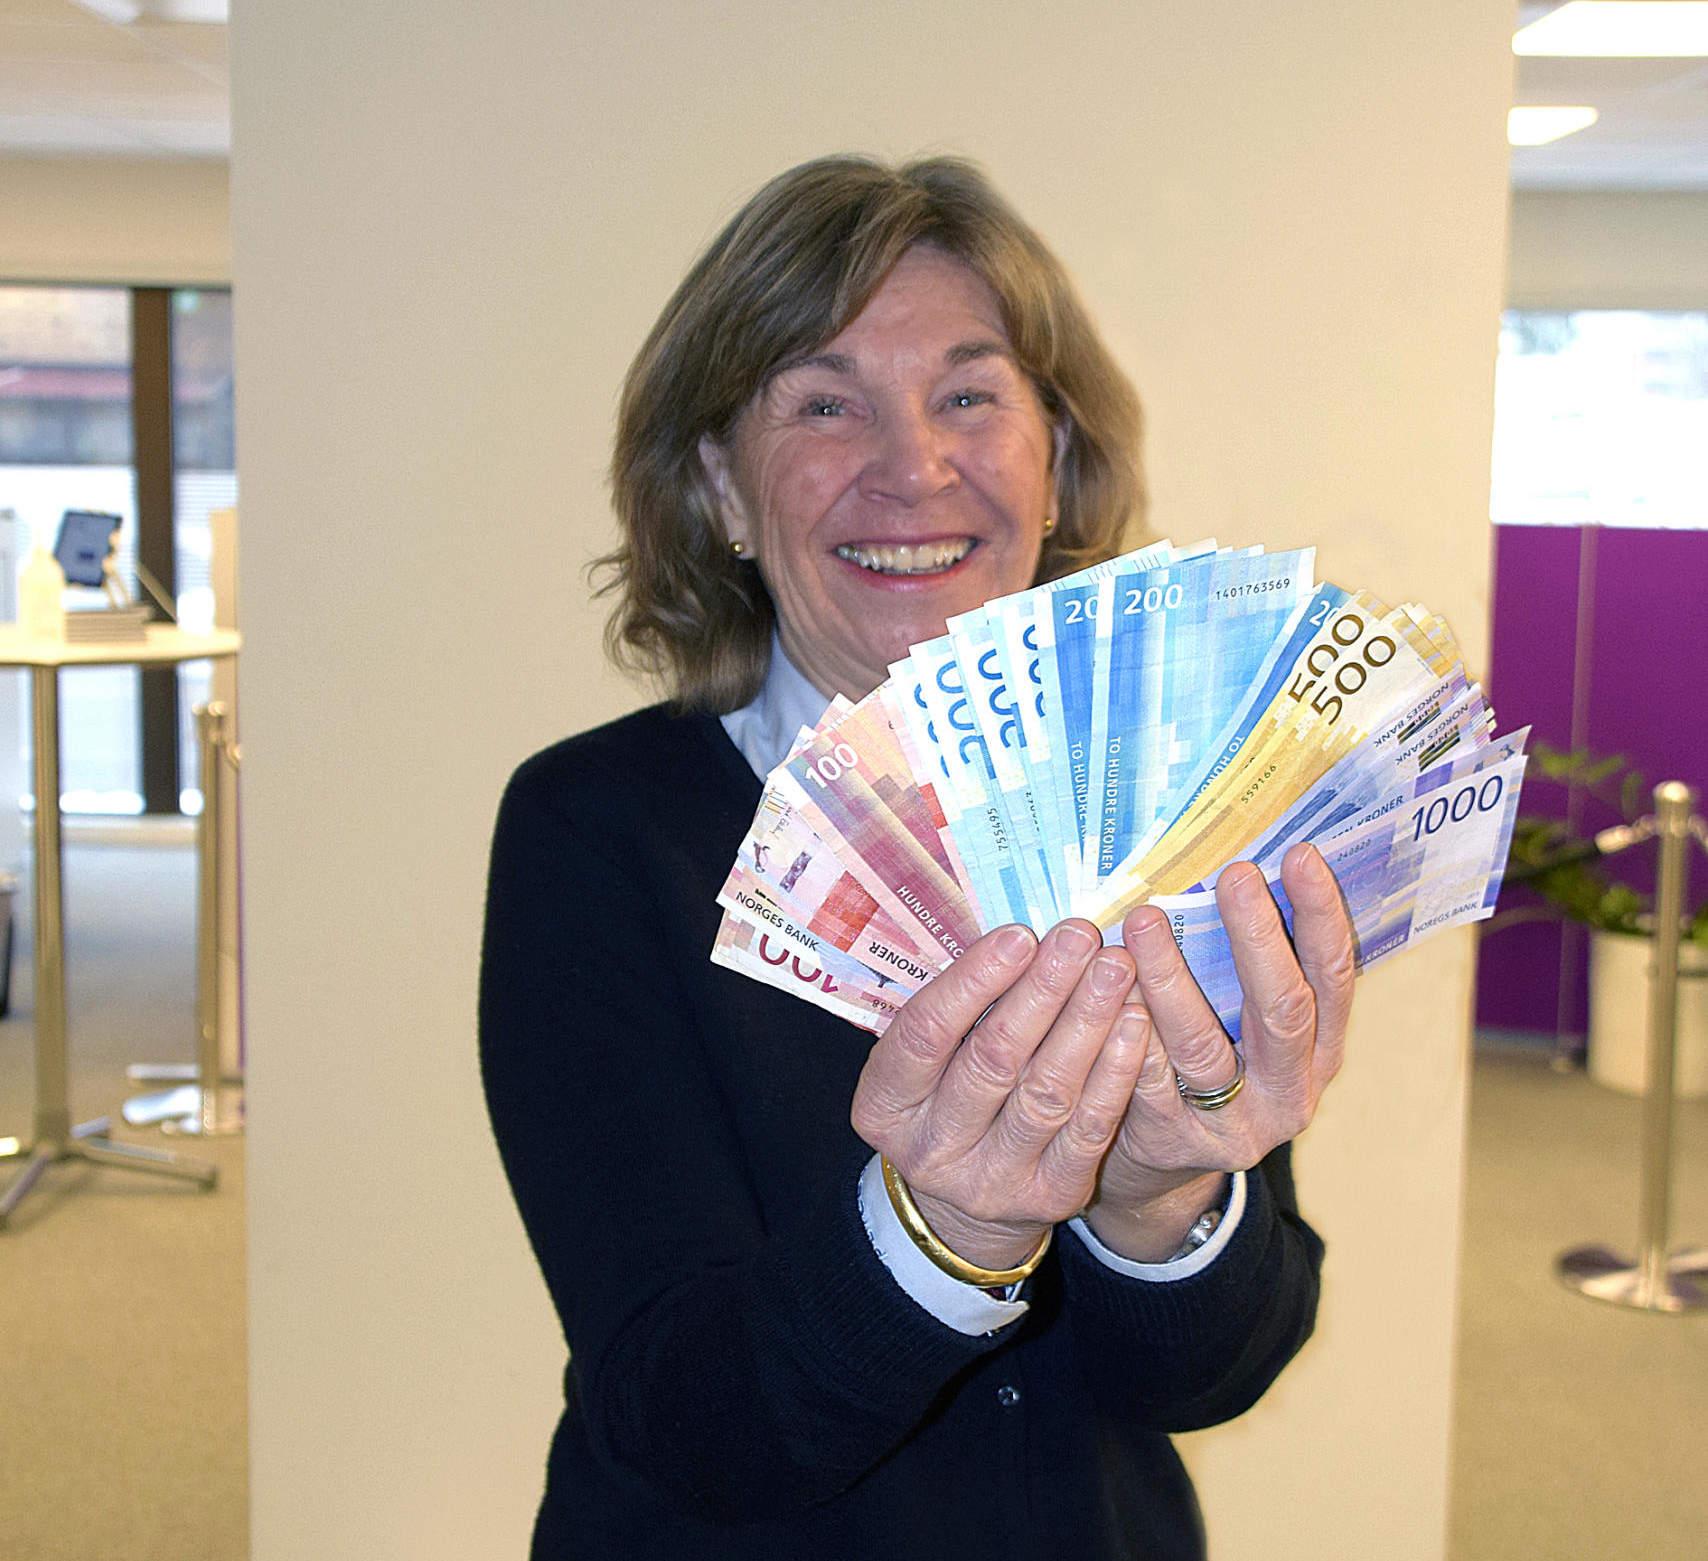 Kari viser 10 000 kroner i en vifte som en kortstokk.